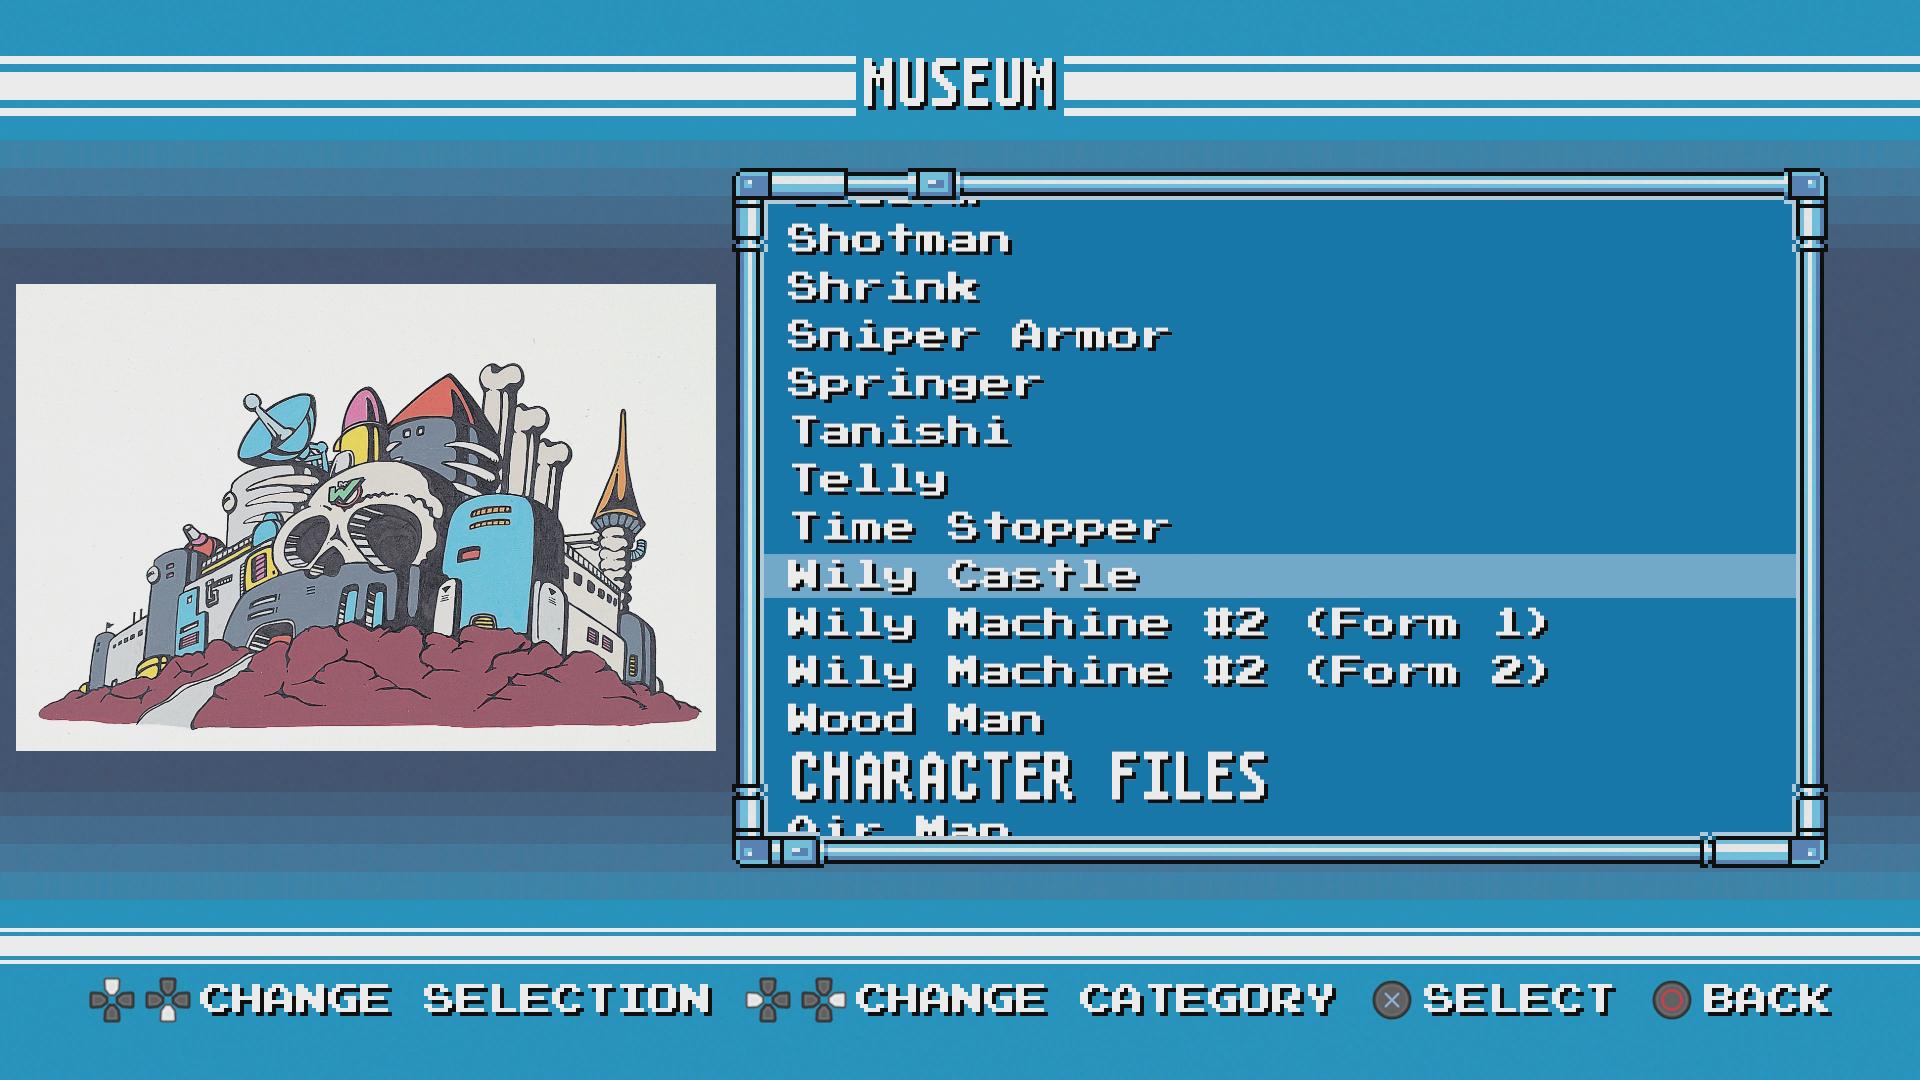 MMLC_screens_Museum_MM2.png